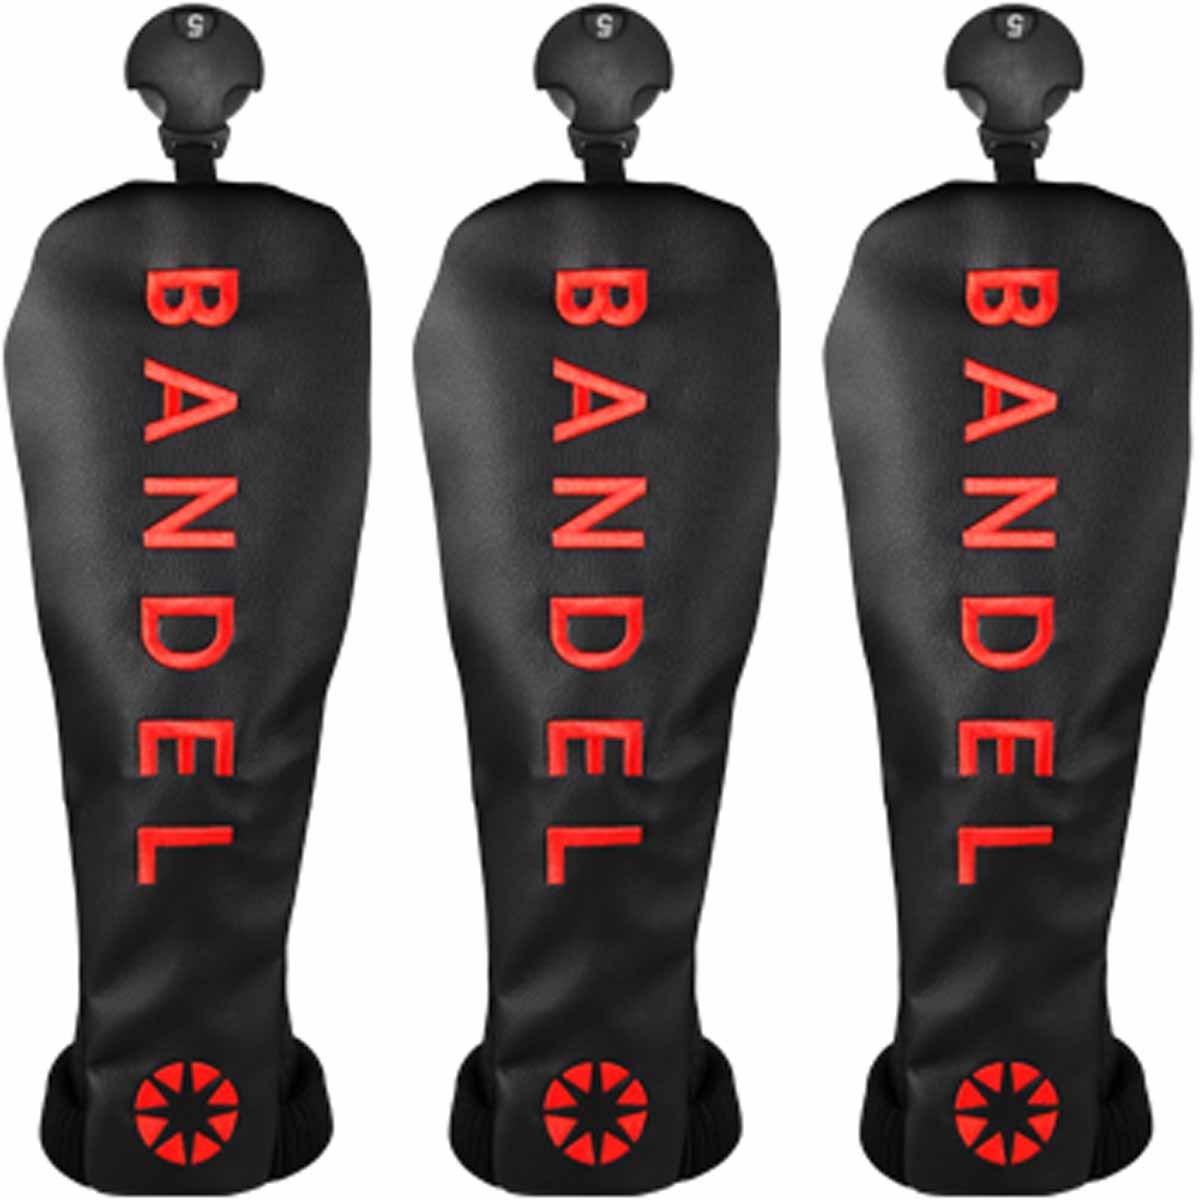 バンデル ゴルフヘッドカバー FW用 3個セット